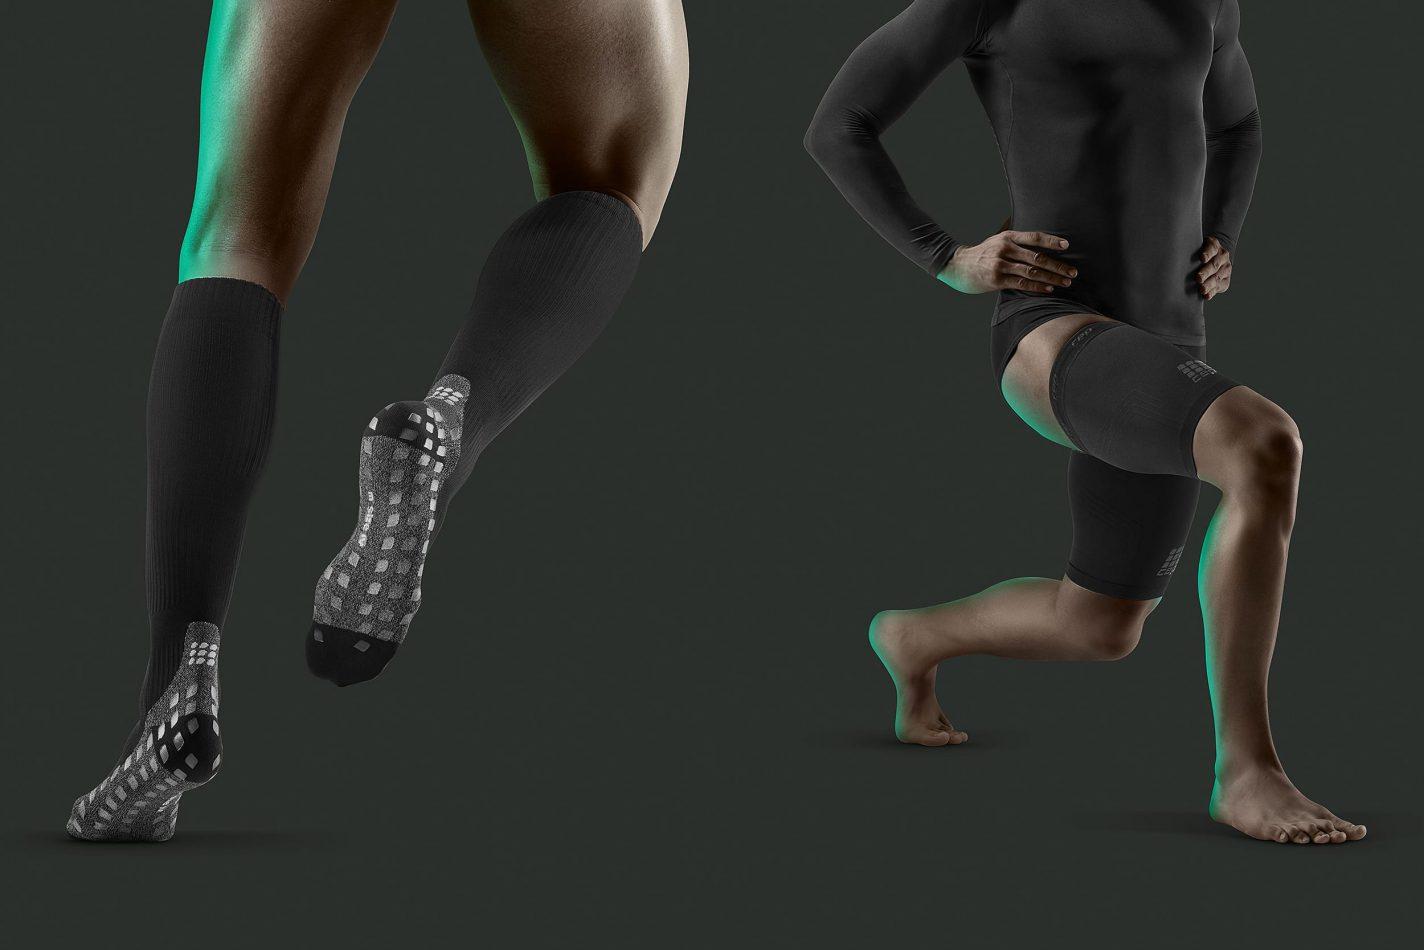 003-Griptech-Socks-black-WP5557-m-back-model-pack